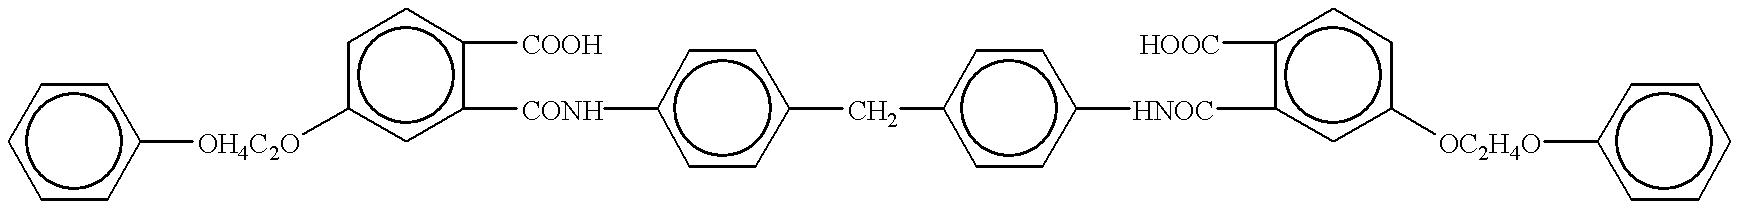 Figure US06180560-20010130-C00421